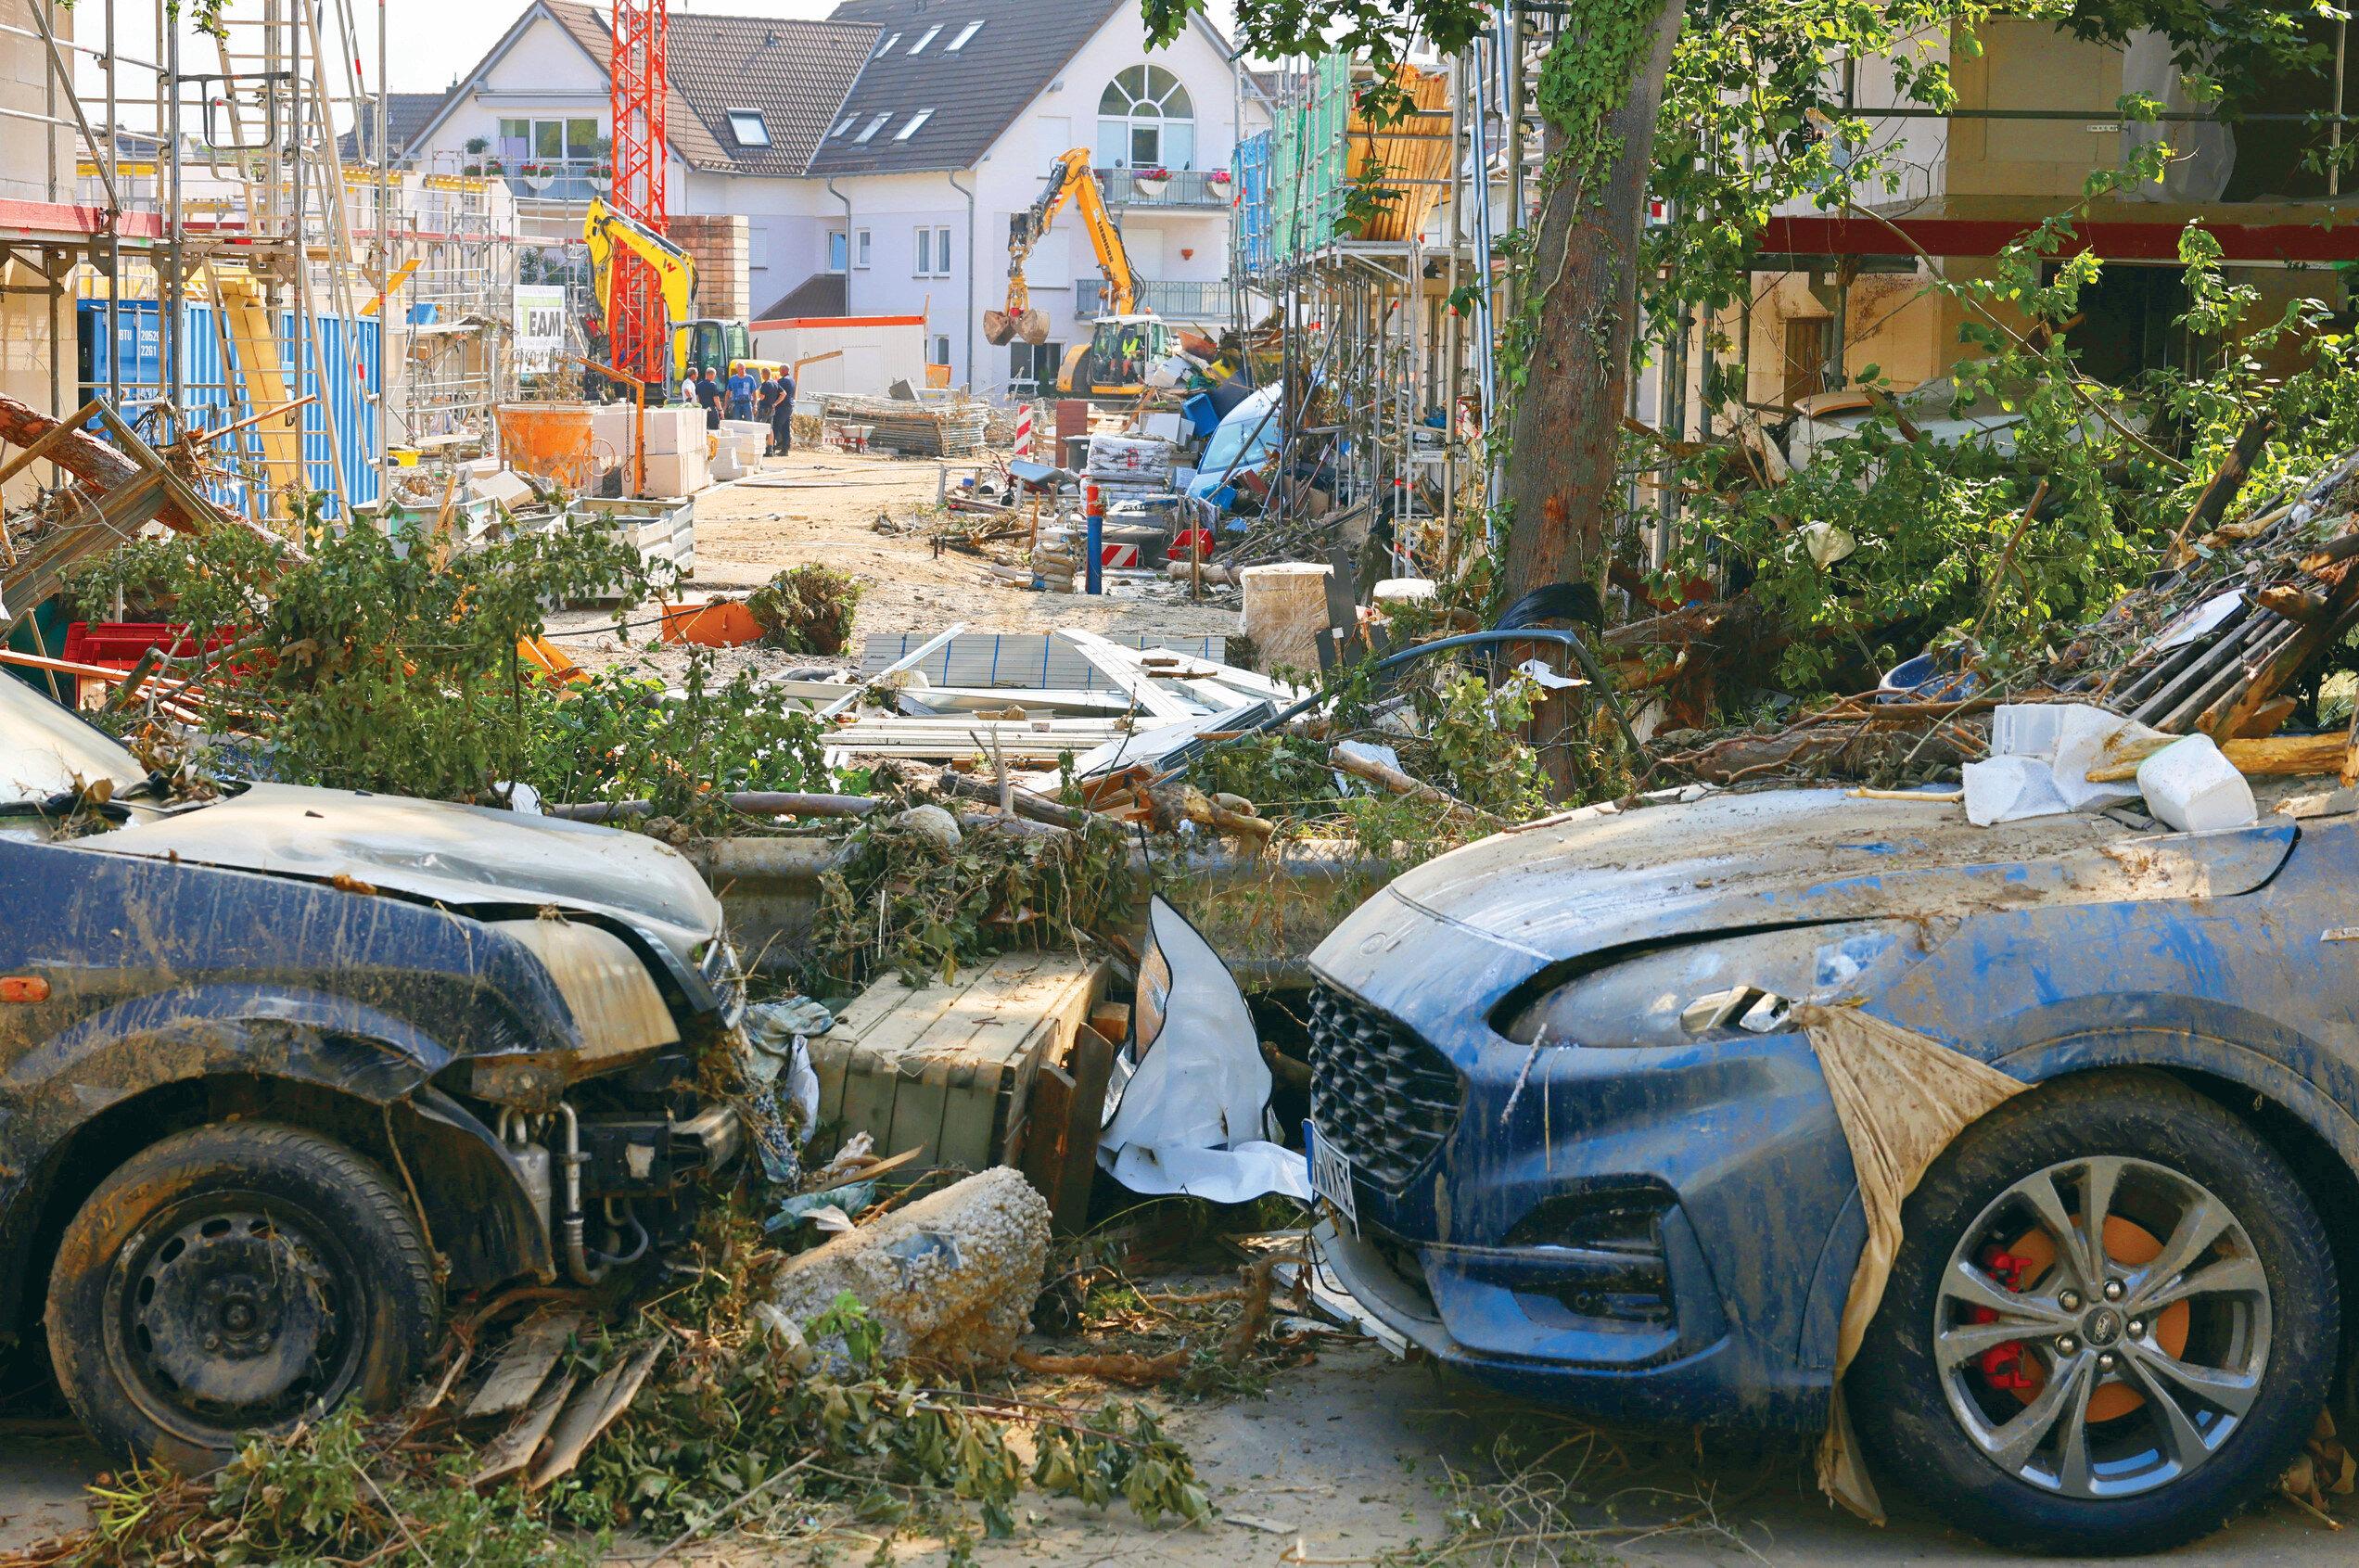 Almanya'da meydana gelen sel felaketi sonrası şehirler harabeye döndü.